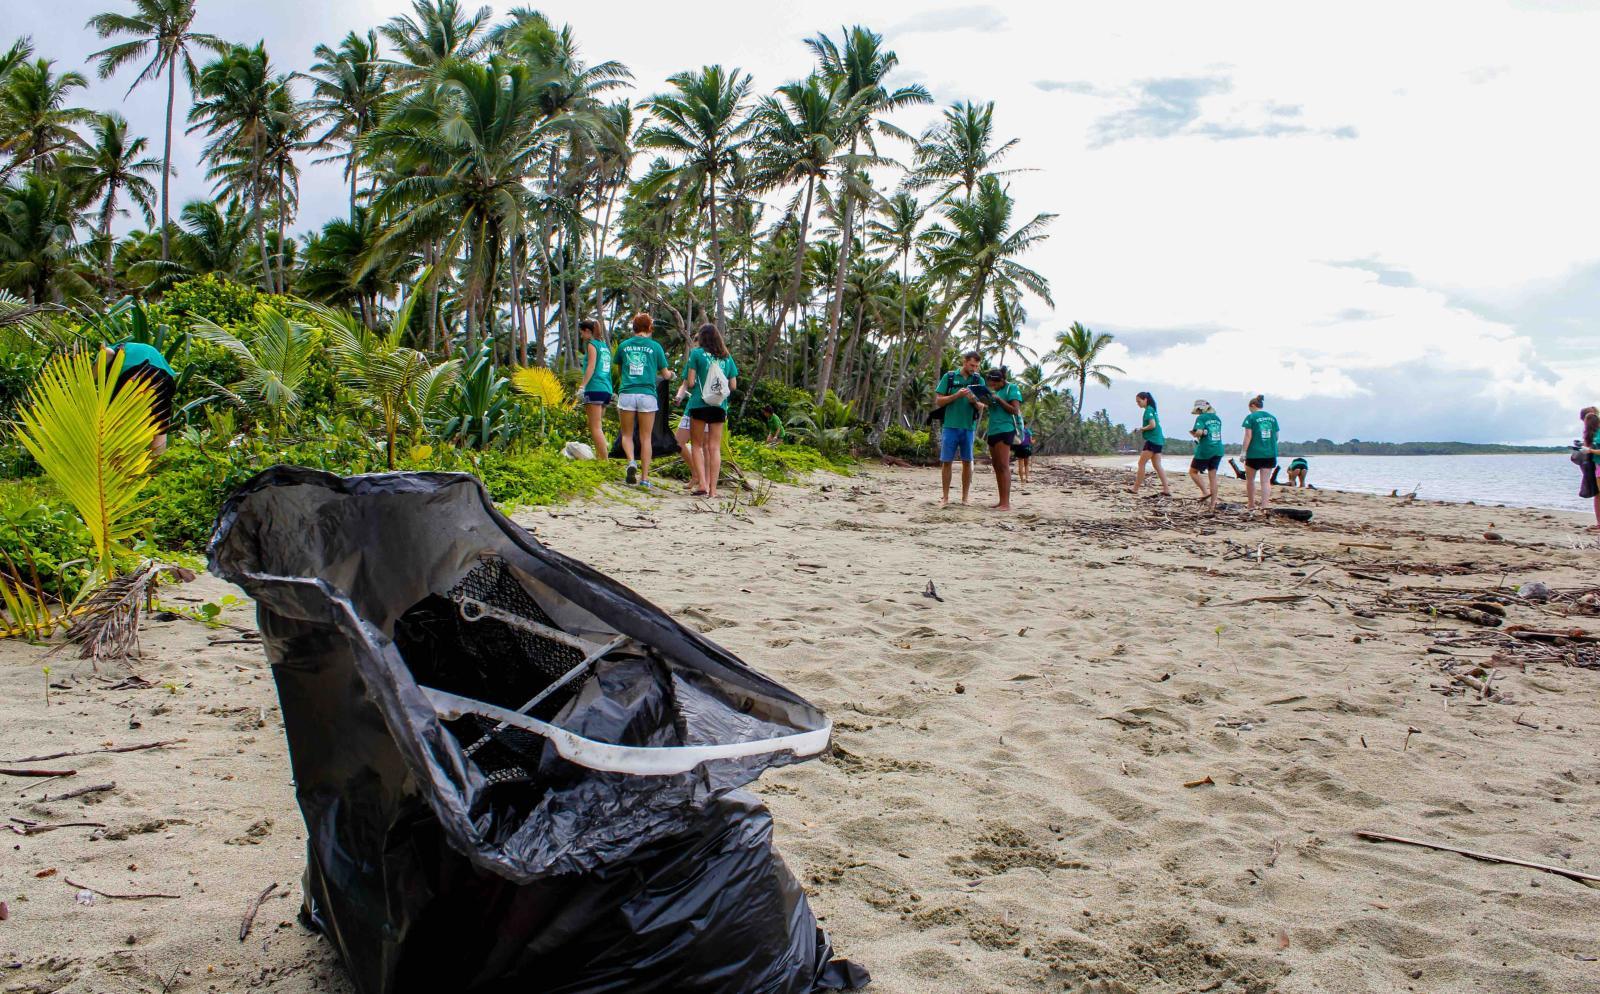 Voluntarios ambientales limpiando una playa en Fiyi.